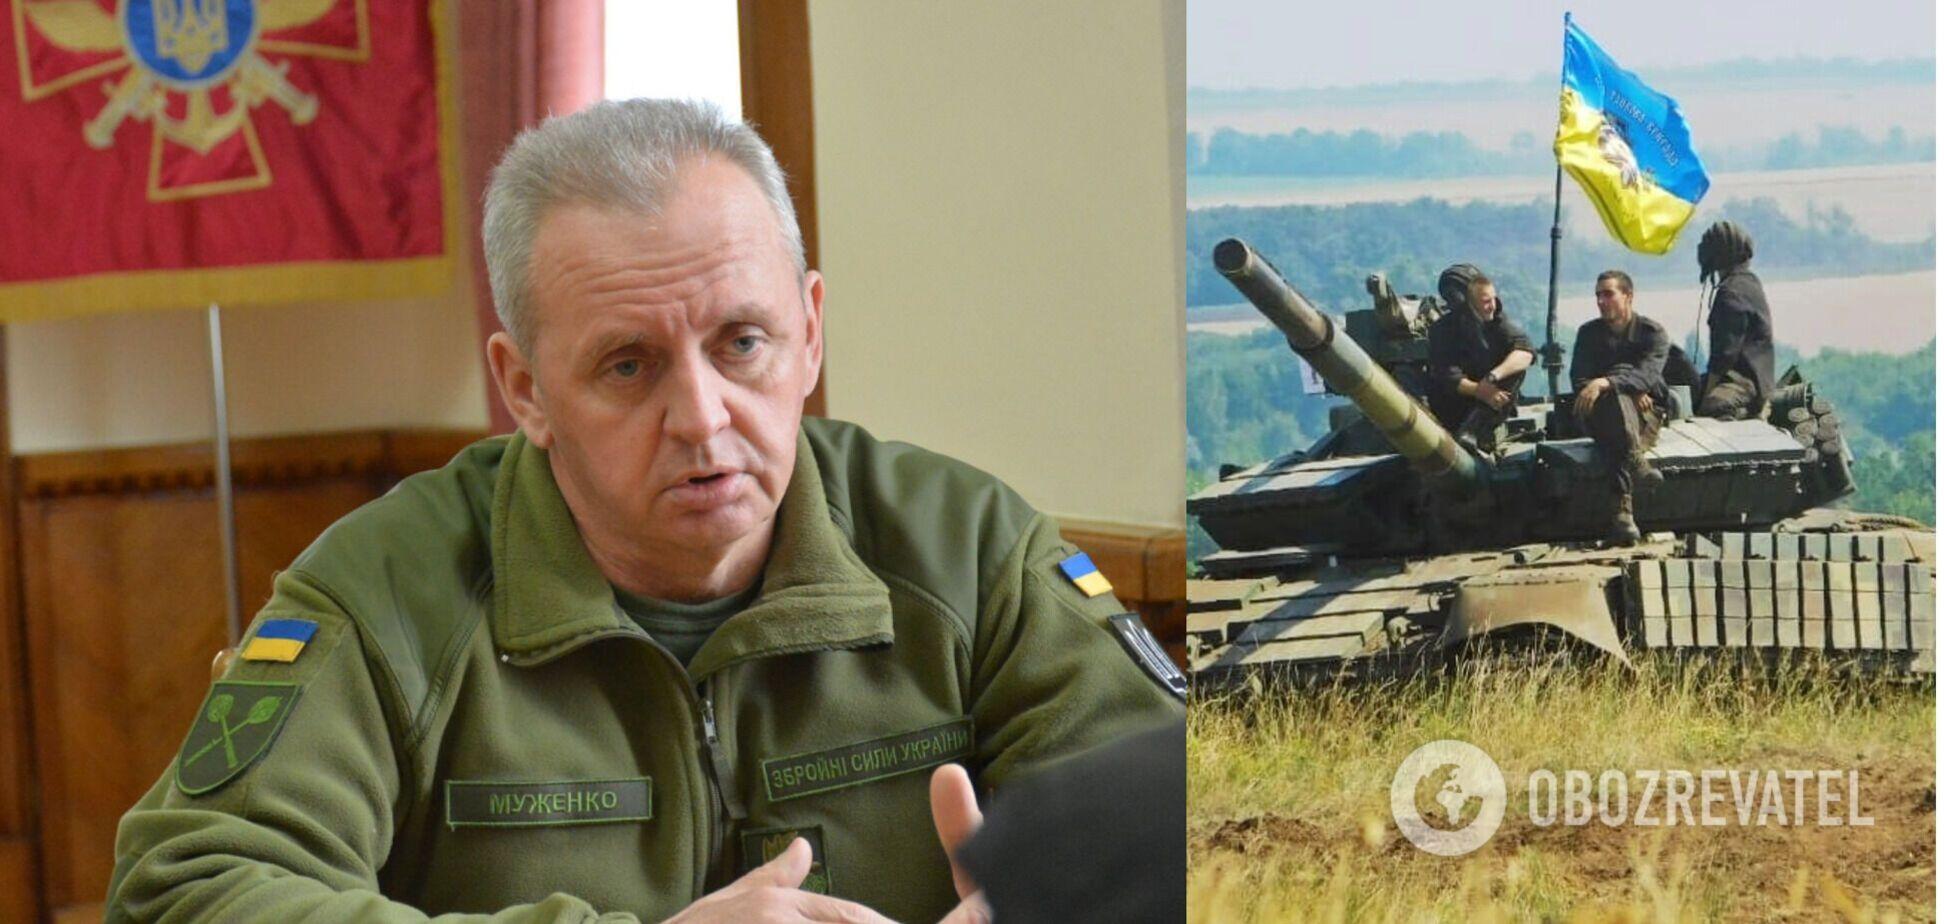 Муженко назвав умову для перемоги України над Росією